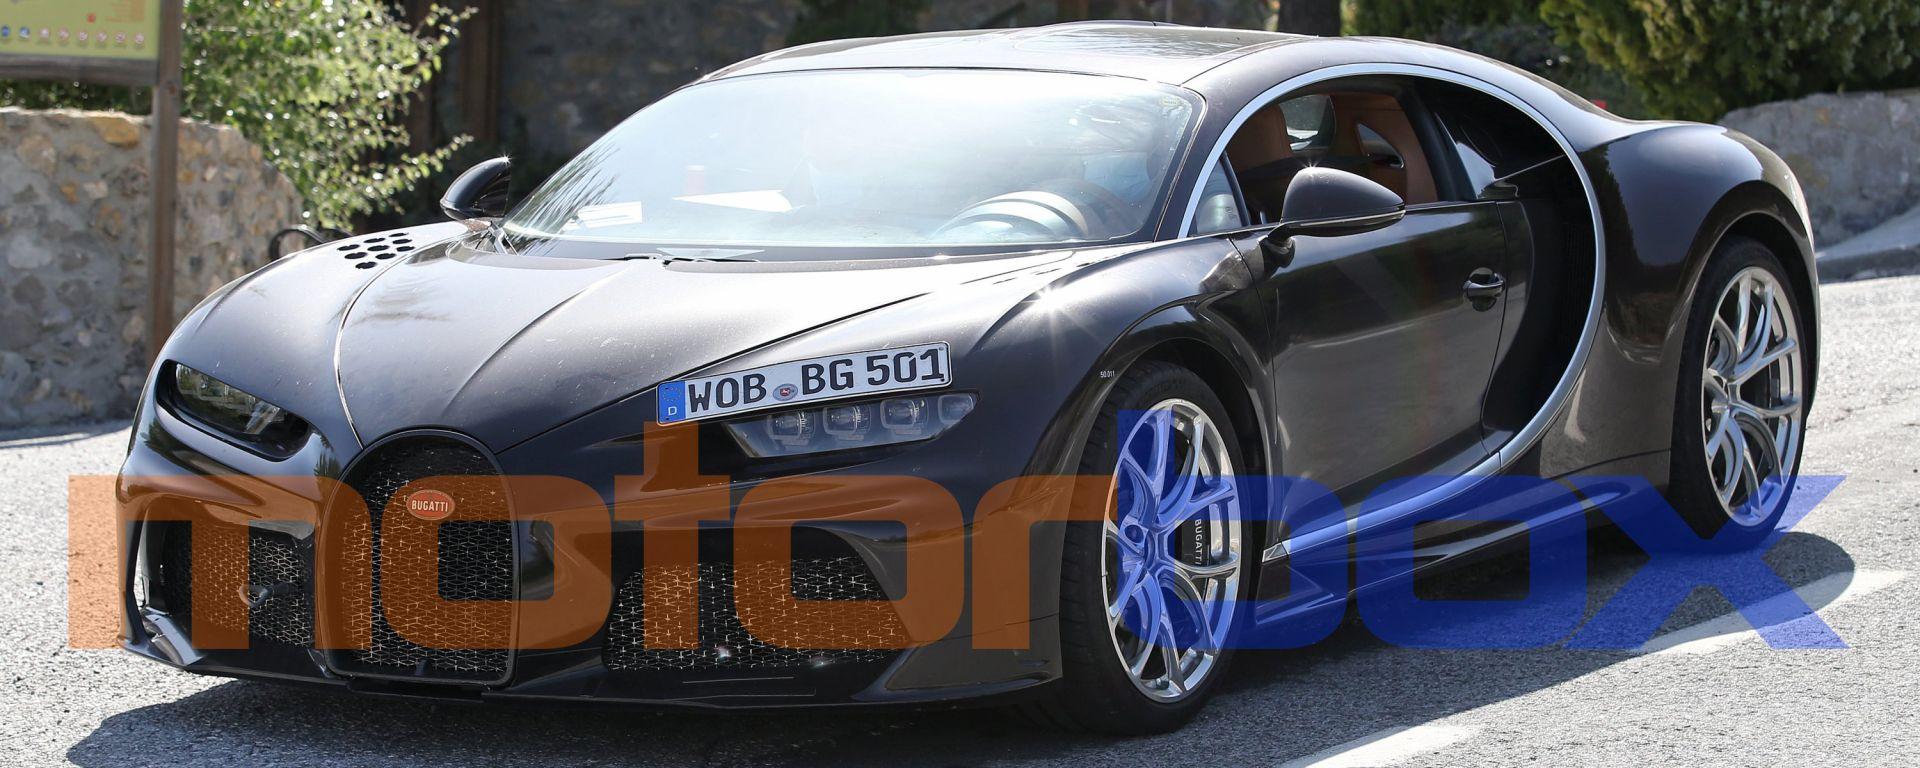 Nuova Bugatti Chiron: le foto spia del prototipo